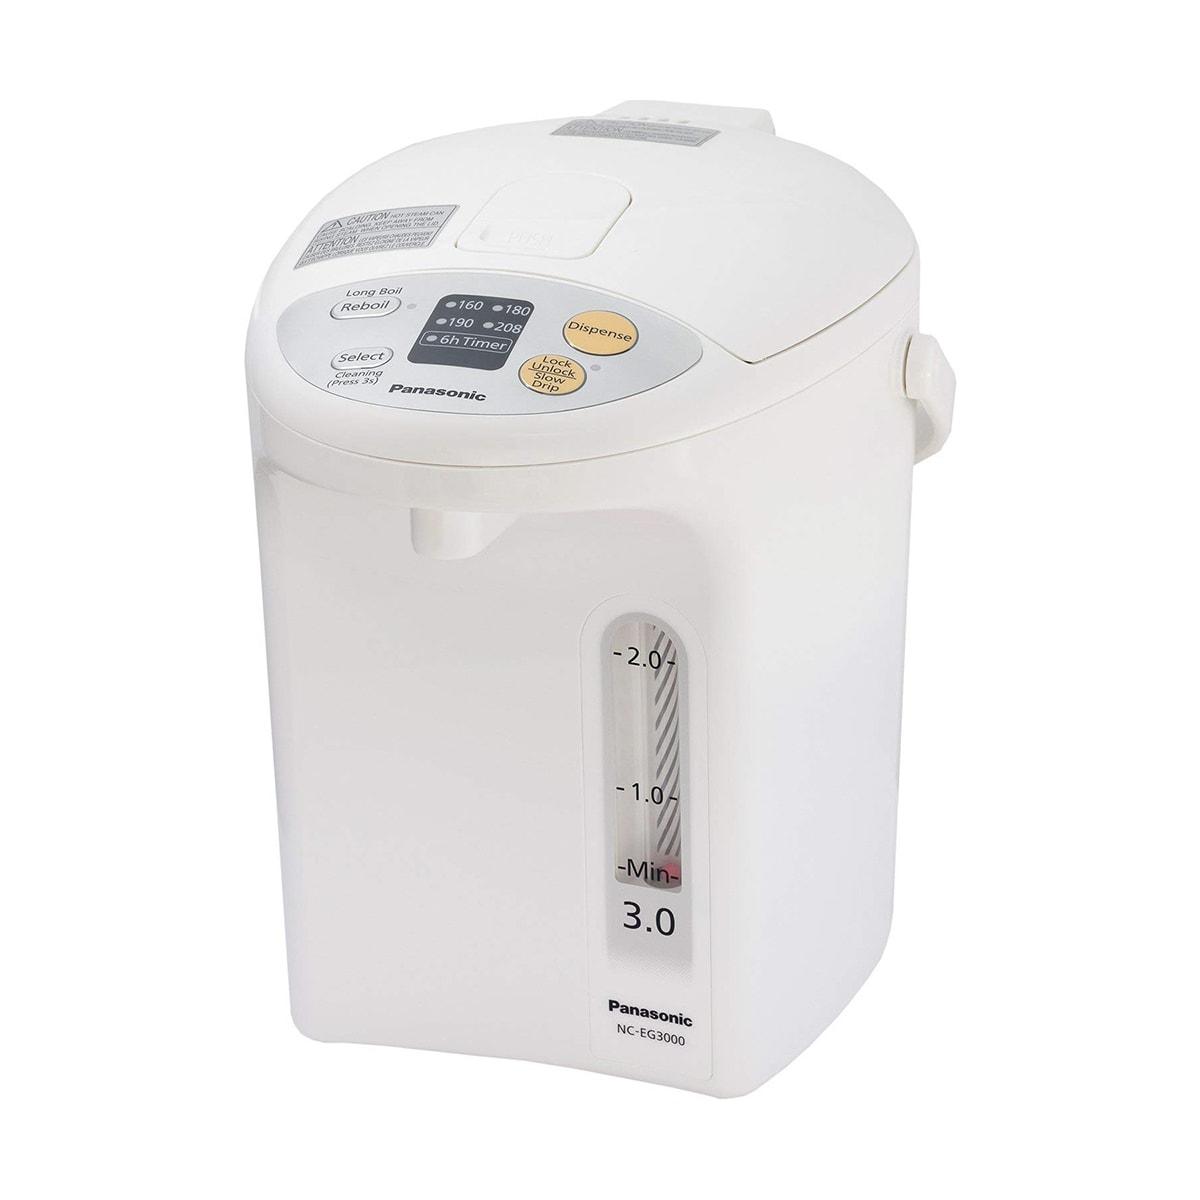 日本PANASONIC松下 全自动智能安全保温煮水器 3L NC-EG3000 怎么样 - 亚米网